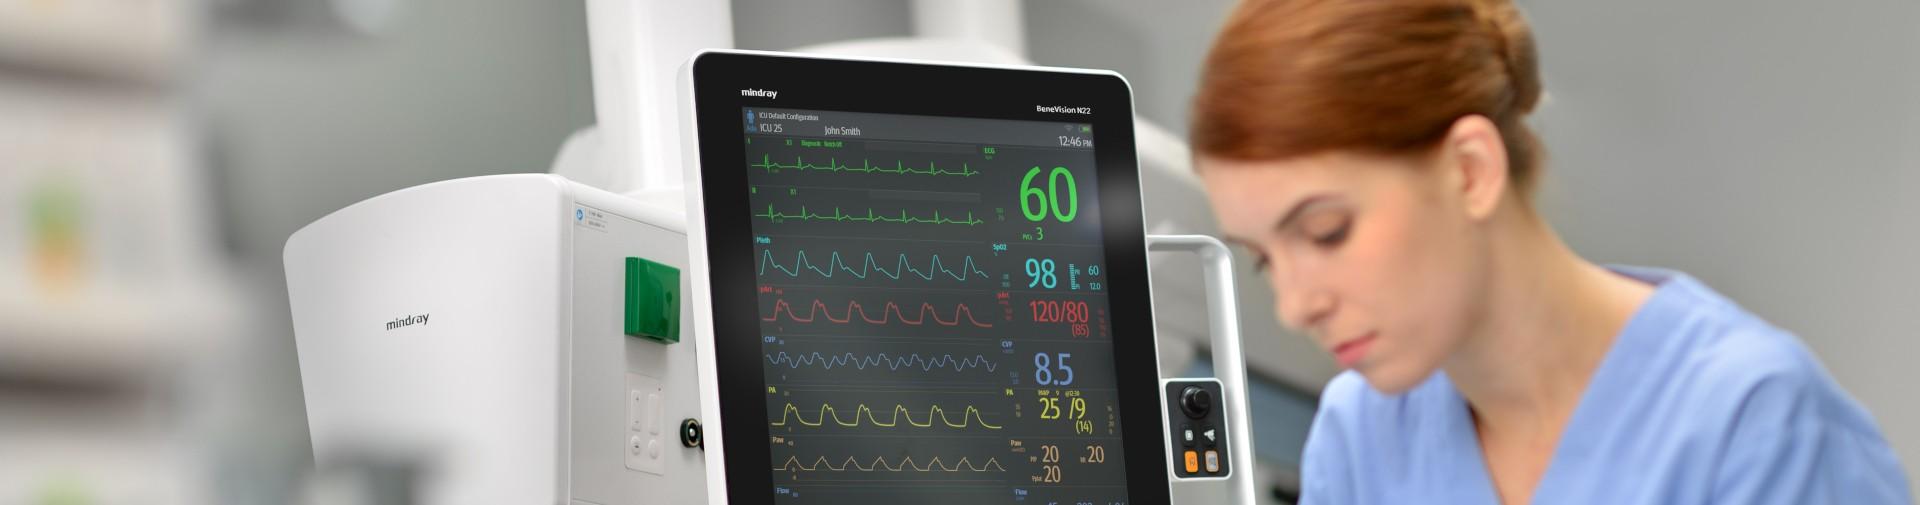 Monitorowanie pacjentów